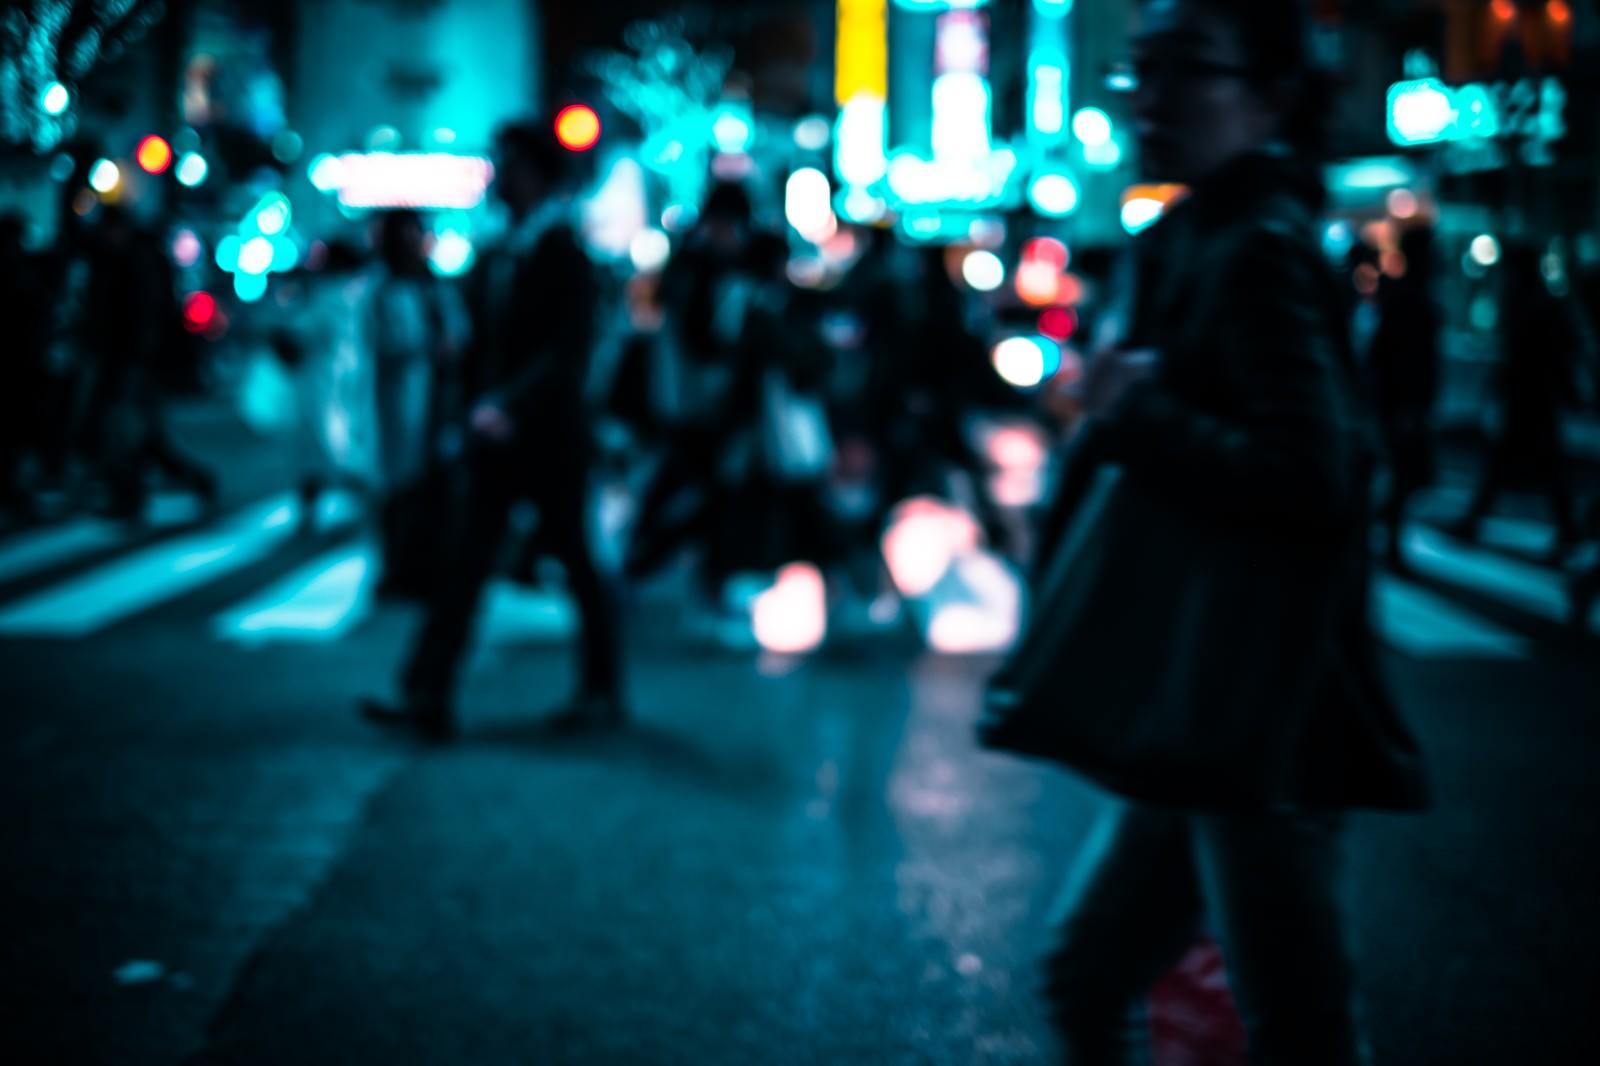 「横断歩道を渡る人の群れ(夜間)」の写真